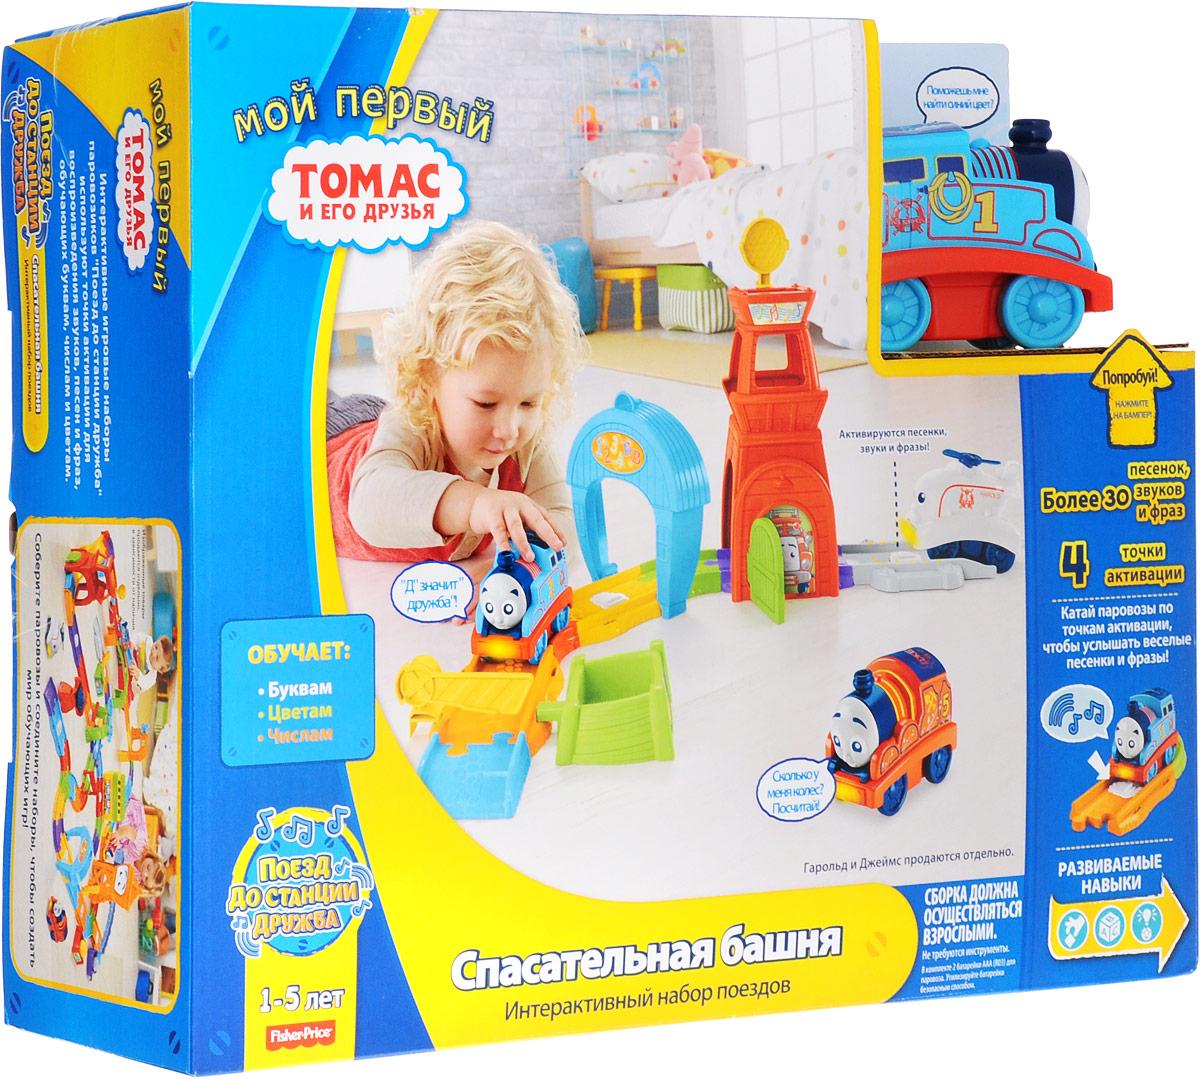 Thomas & Friends Железная дорога Мой первый Томас Спасательная башня thomas & friends железная дорога чарли за работой